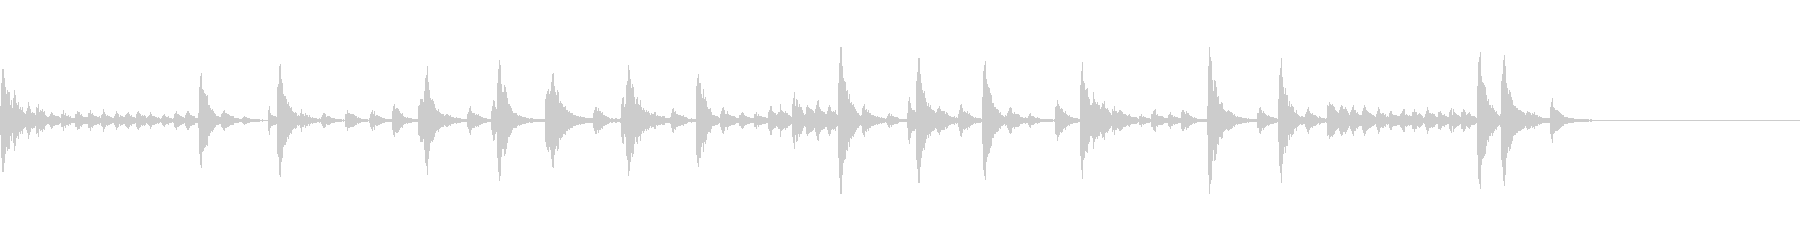 生ドラム_4小節マーチング の未再生の波形